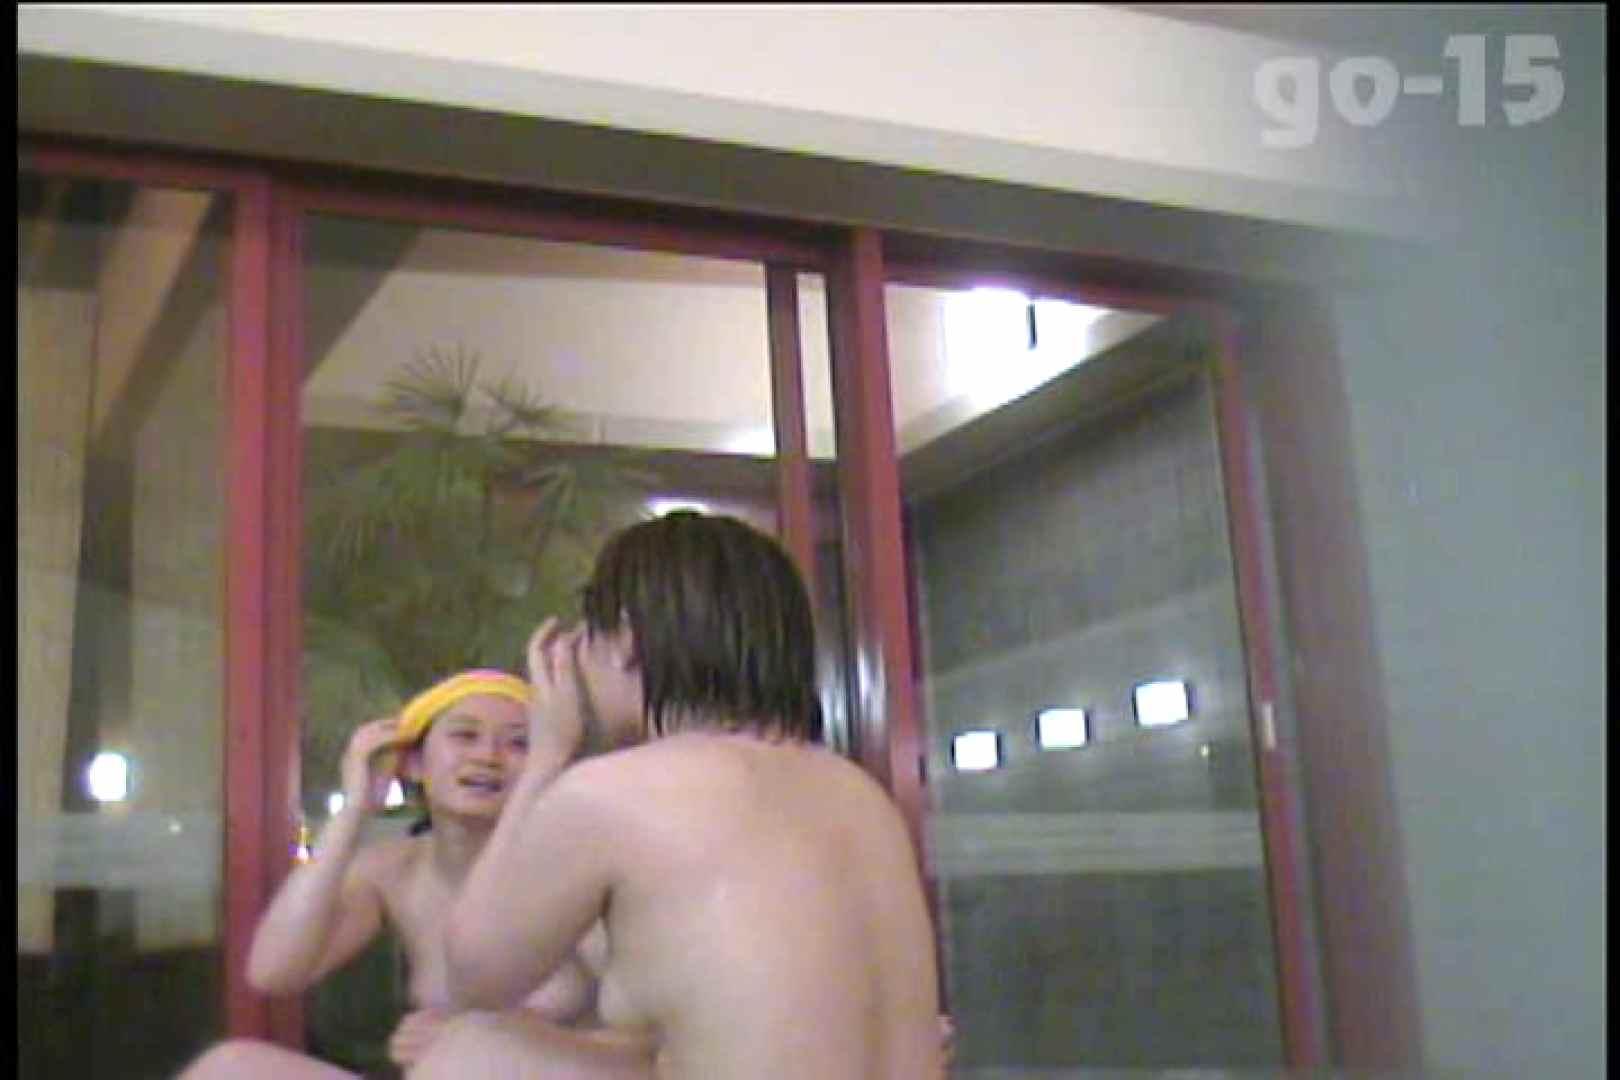 電波カメラ設置浴場からの防HAN映像 Vol.15 OLのボディ 盗撮動画紹介 53PIX 8